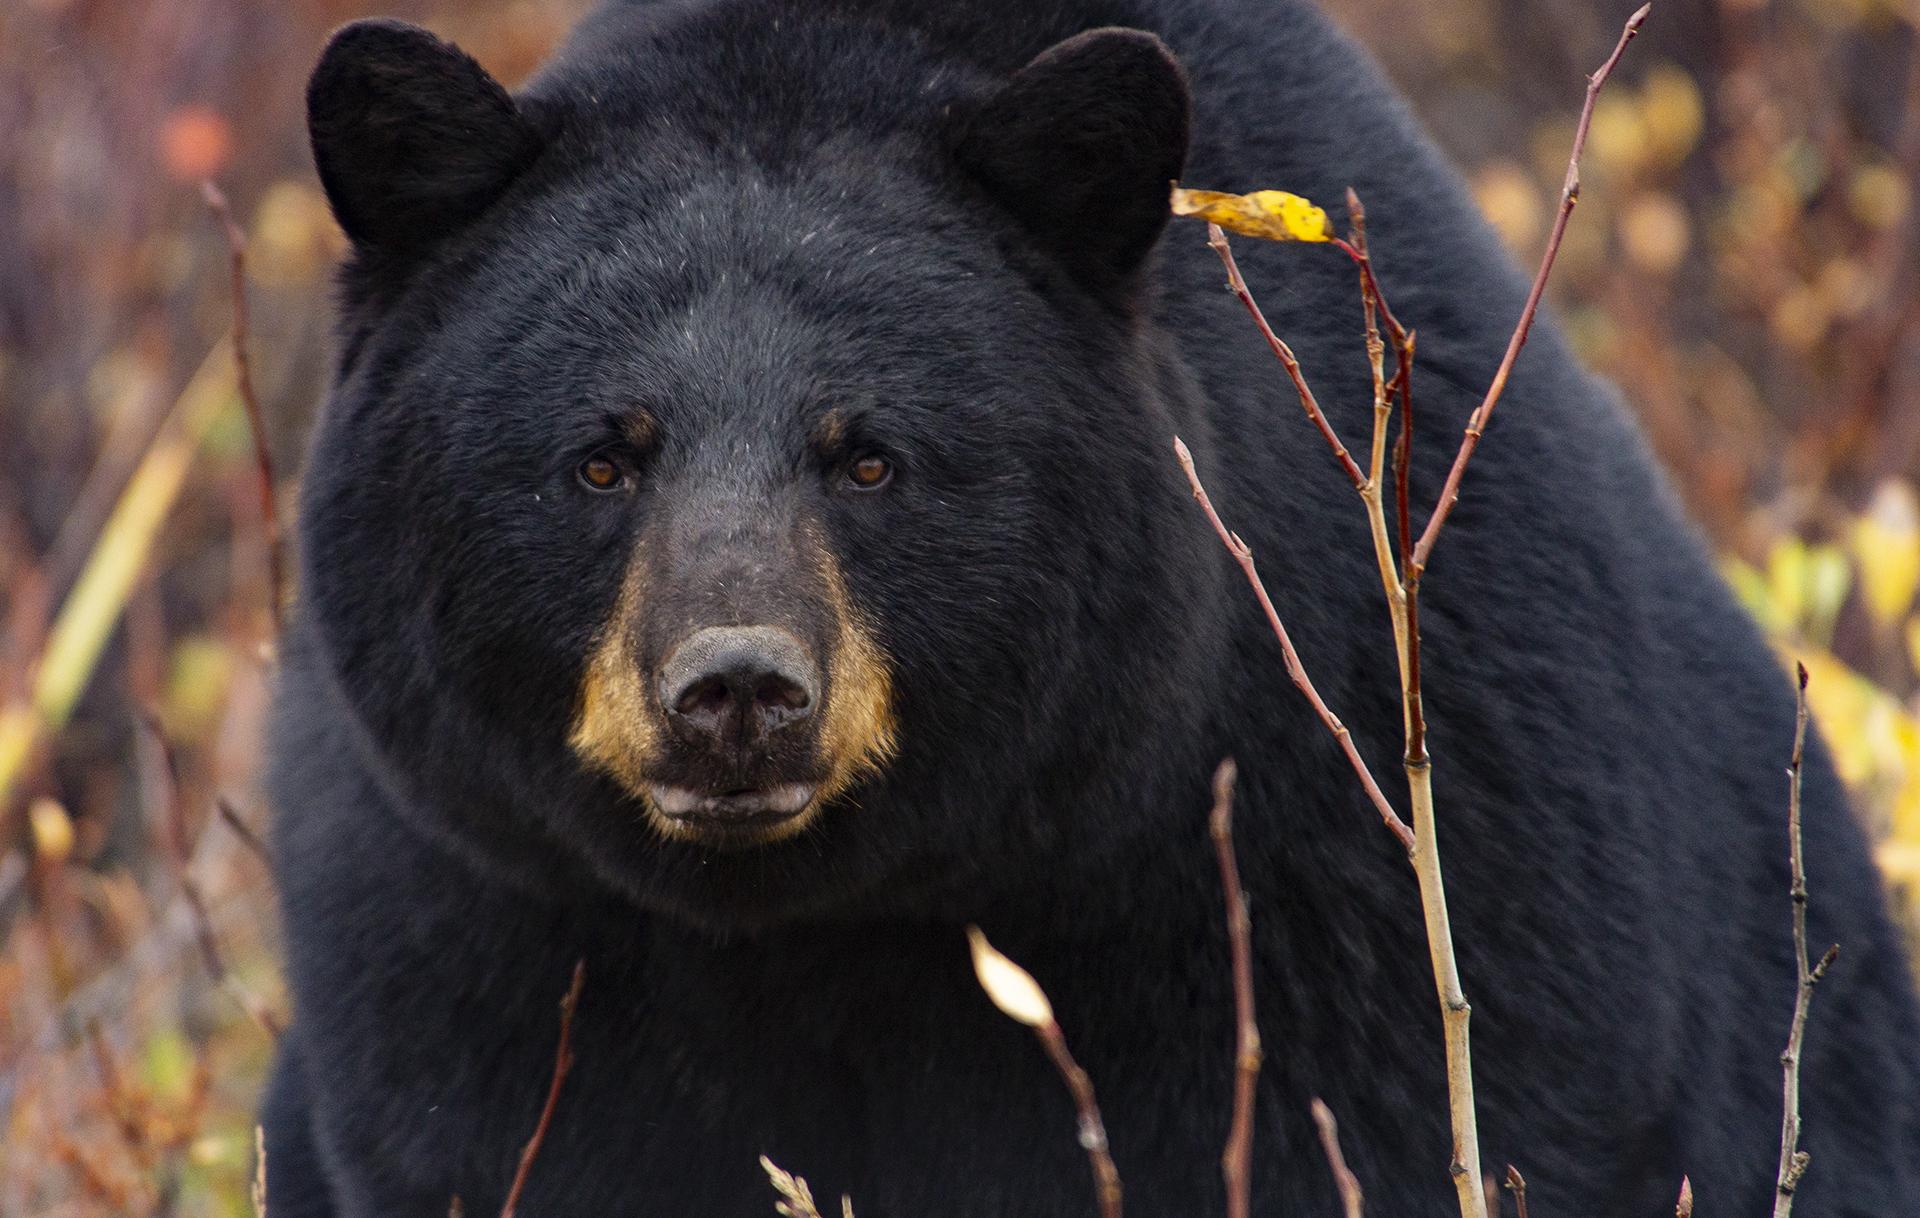 Black Bear. Cheryl Hnatiuk photo.